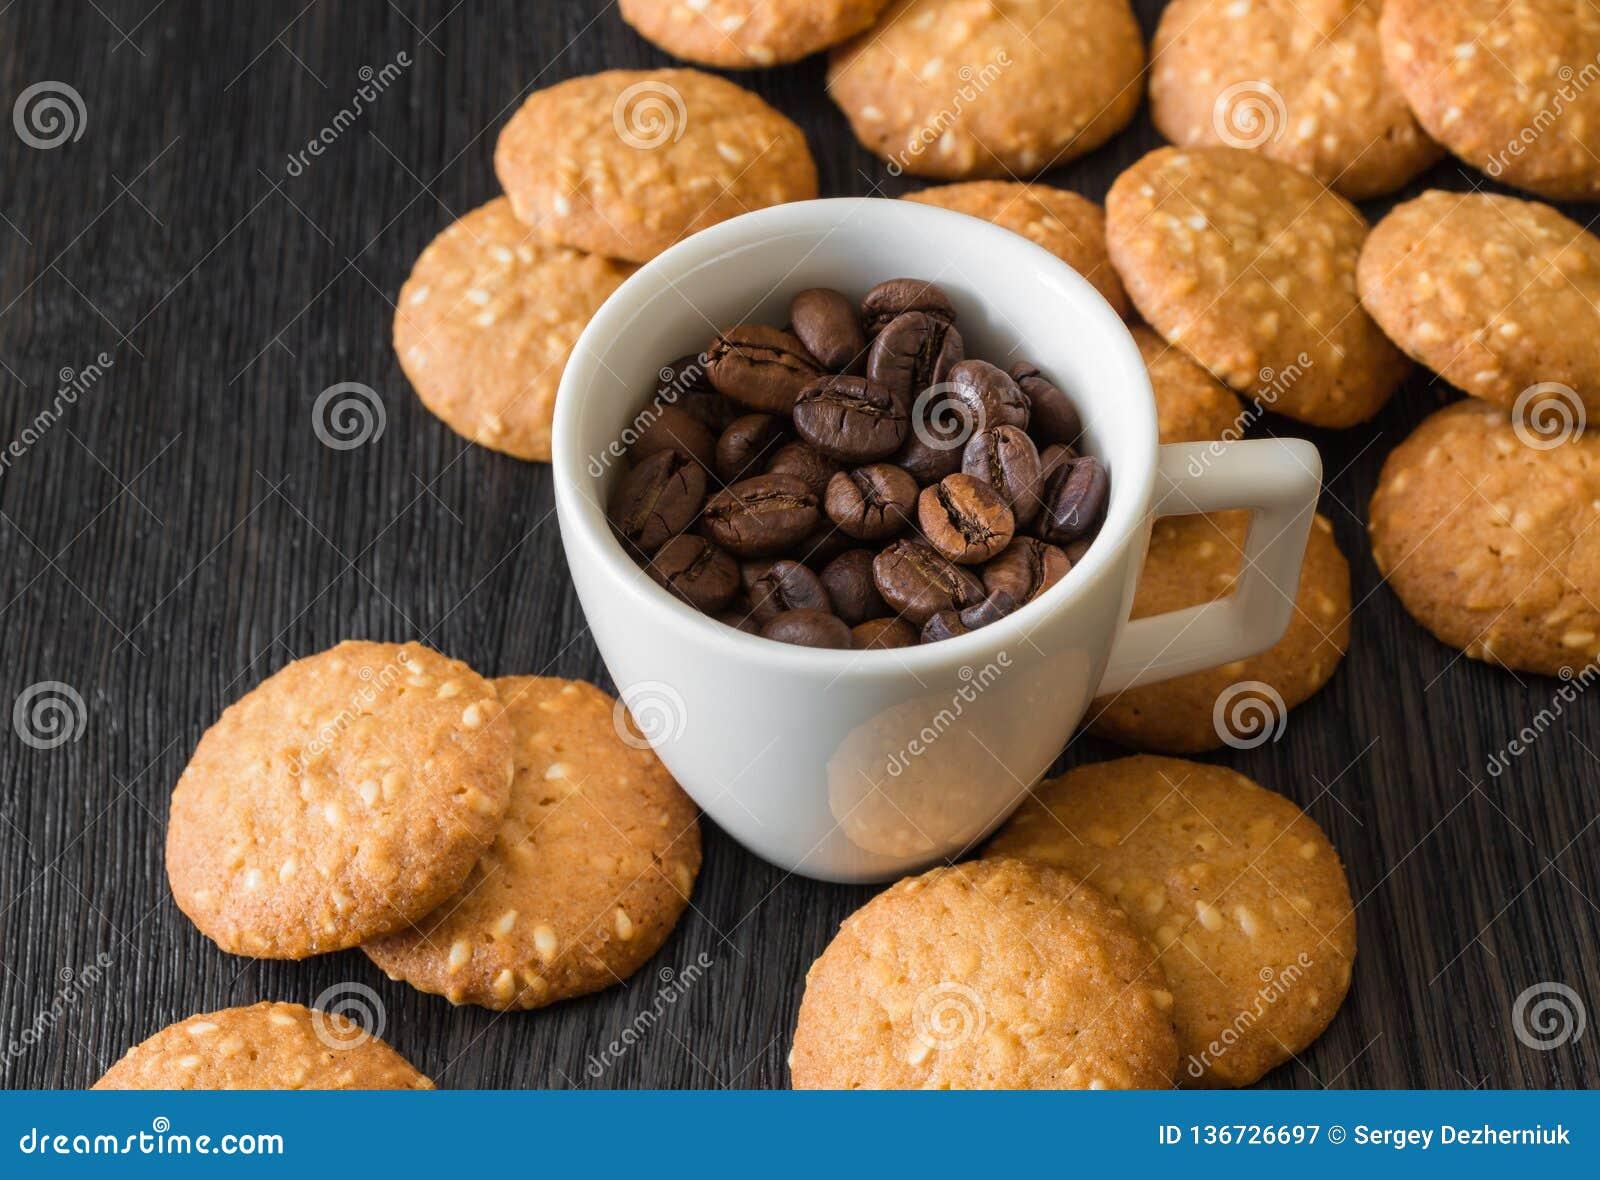 Weiße Schale mit Röstkaffeebohnen, Kekse mit Samen des indischen Sesams auf einem schwarzen Hintergrund